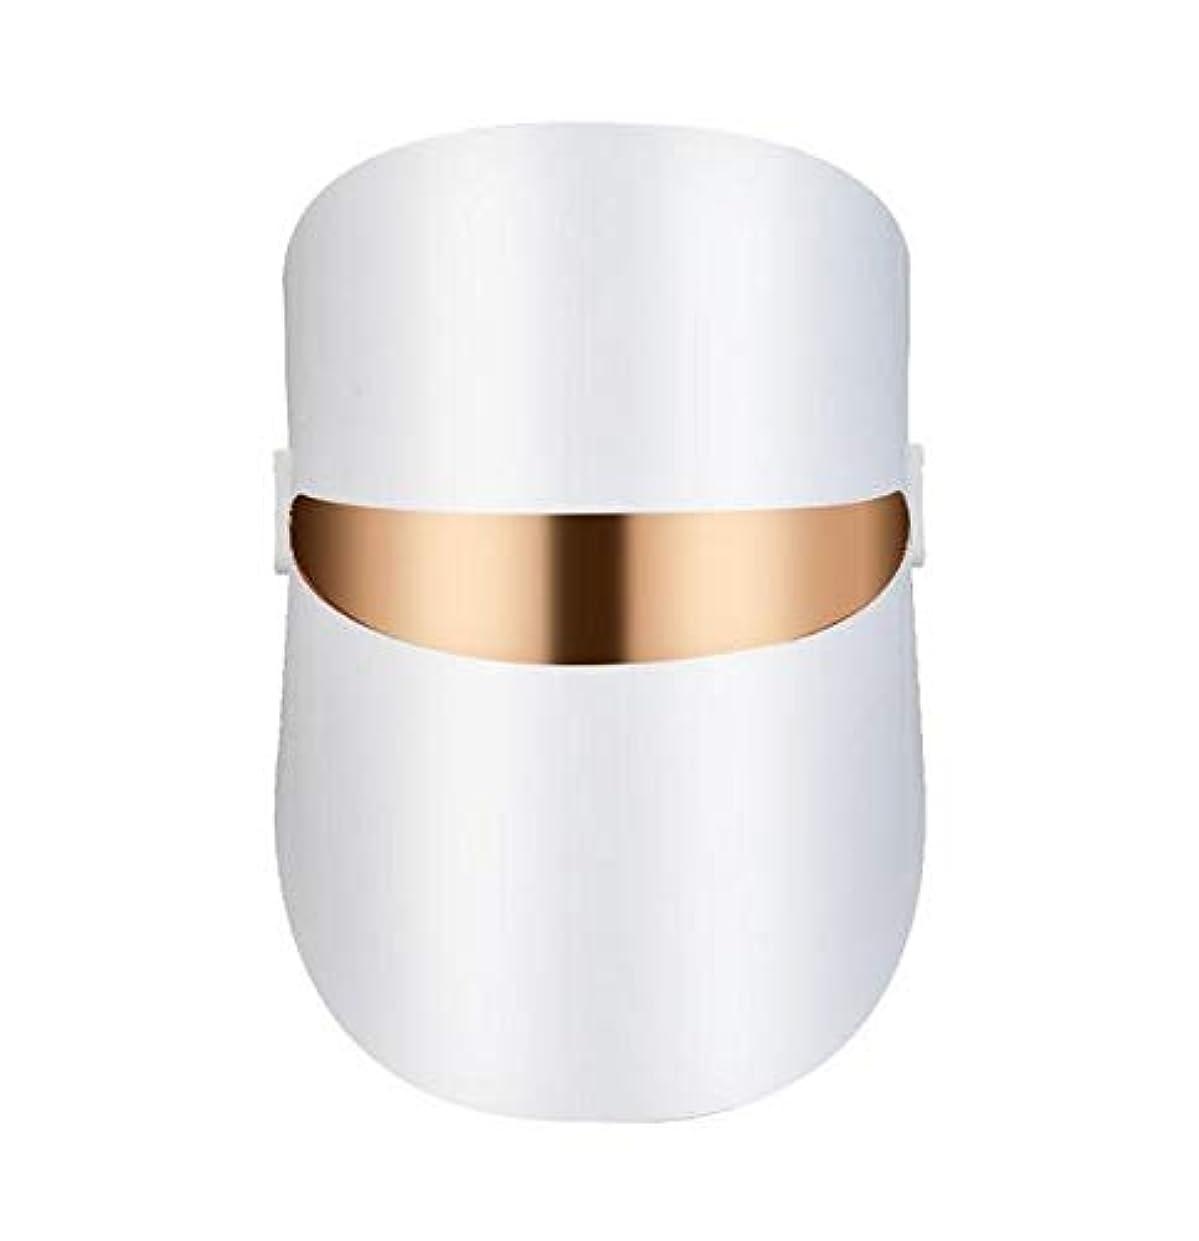 アイザック不器用解釈するLEDマスクフェイシャルケアアンチリンクルマシンにきび除去美容スパデバイス肌の若返りホワイトフェイスマスカー